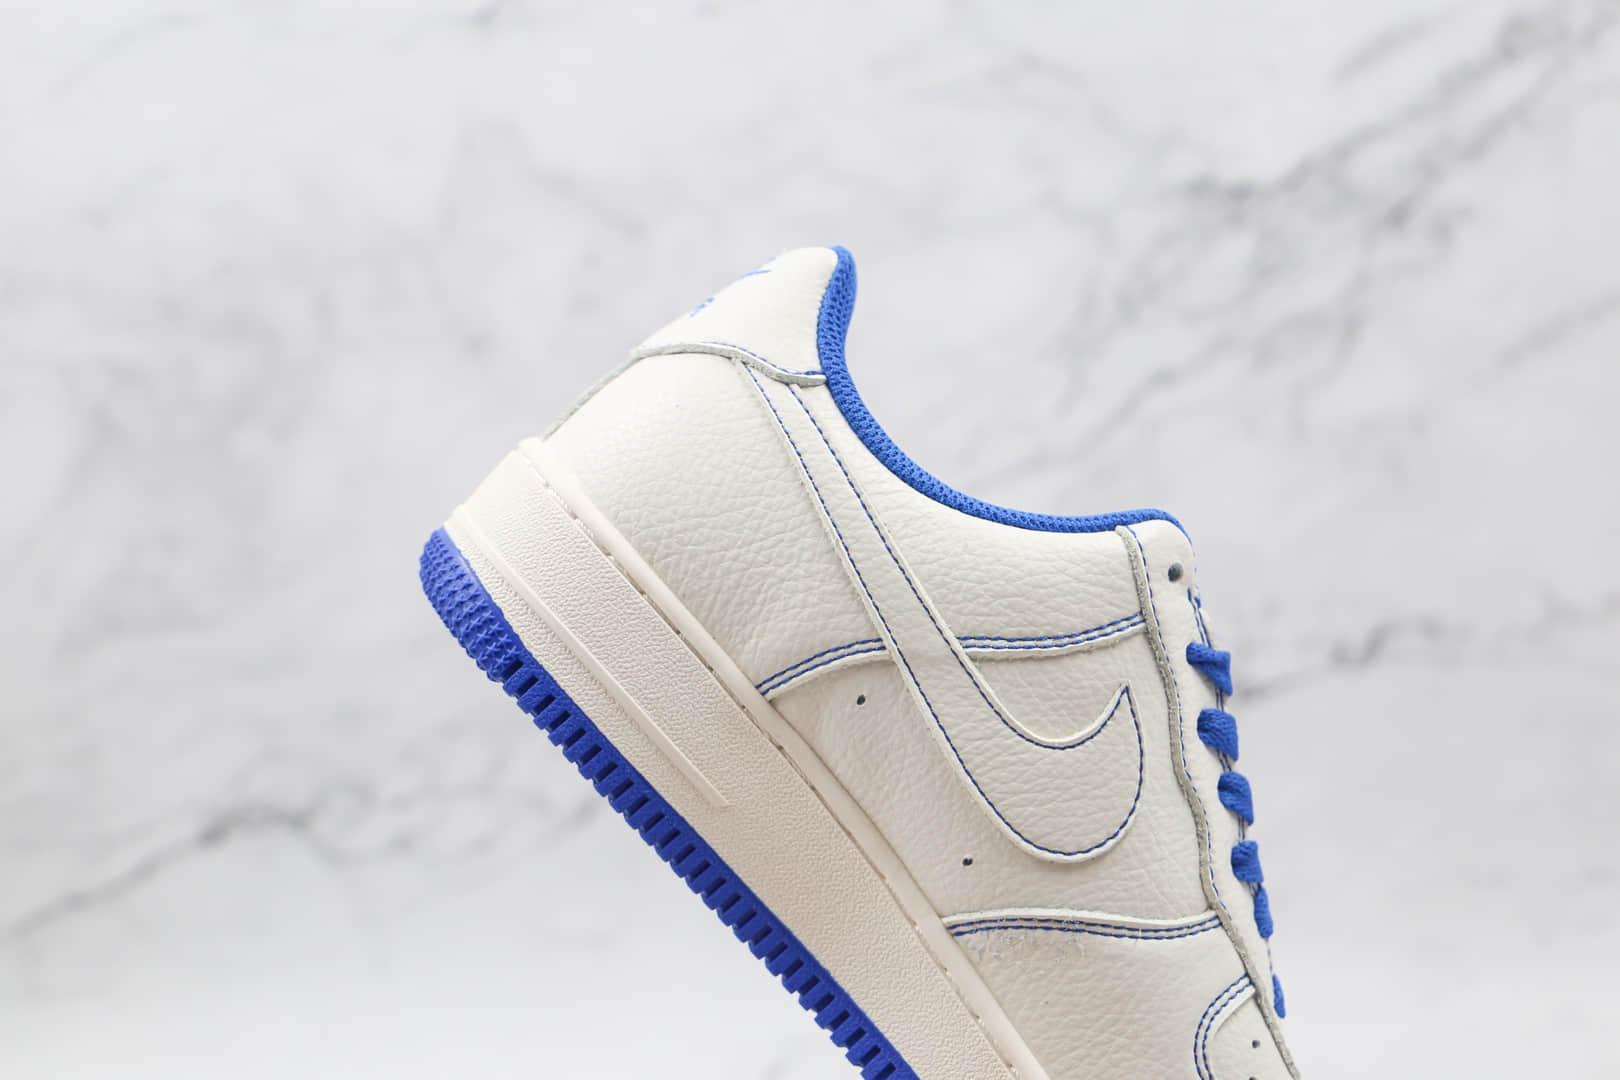 耐克Nike AIR FMRCE 1 LOW Undefeated纯原版本低帮空军一号白蓝缝线板鞋原档案数据开发 货号:UN1570-680